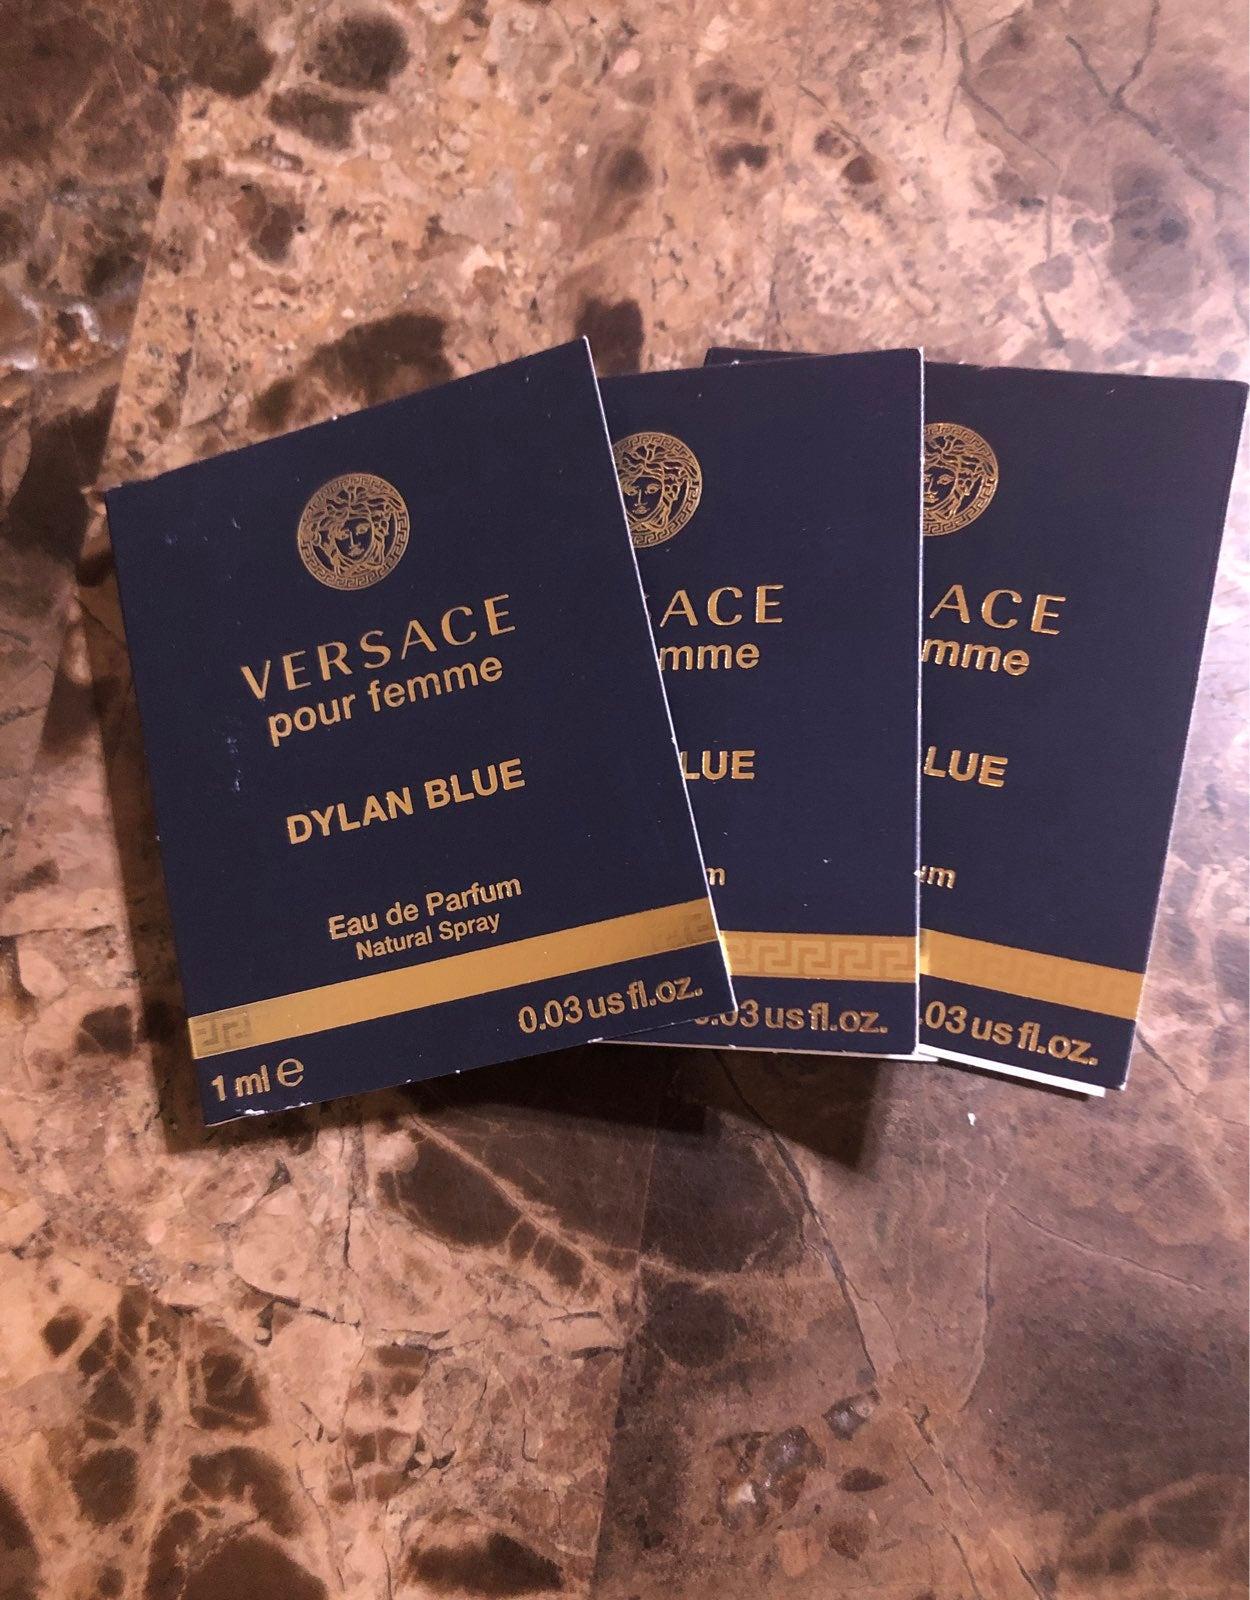 Versace pour femme dylan blue x4